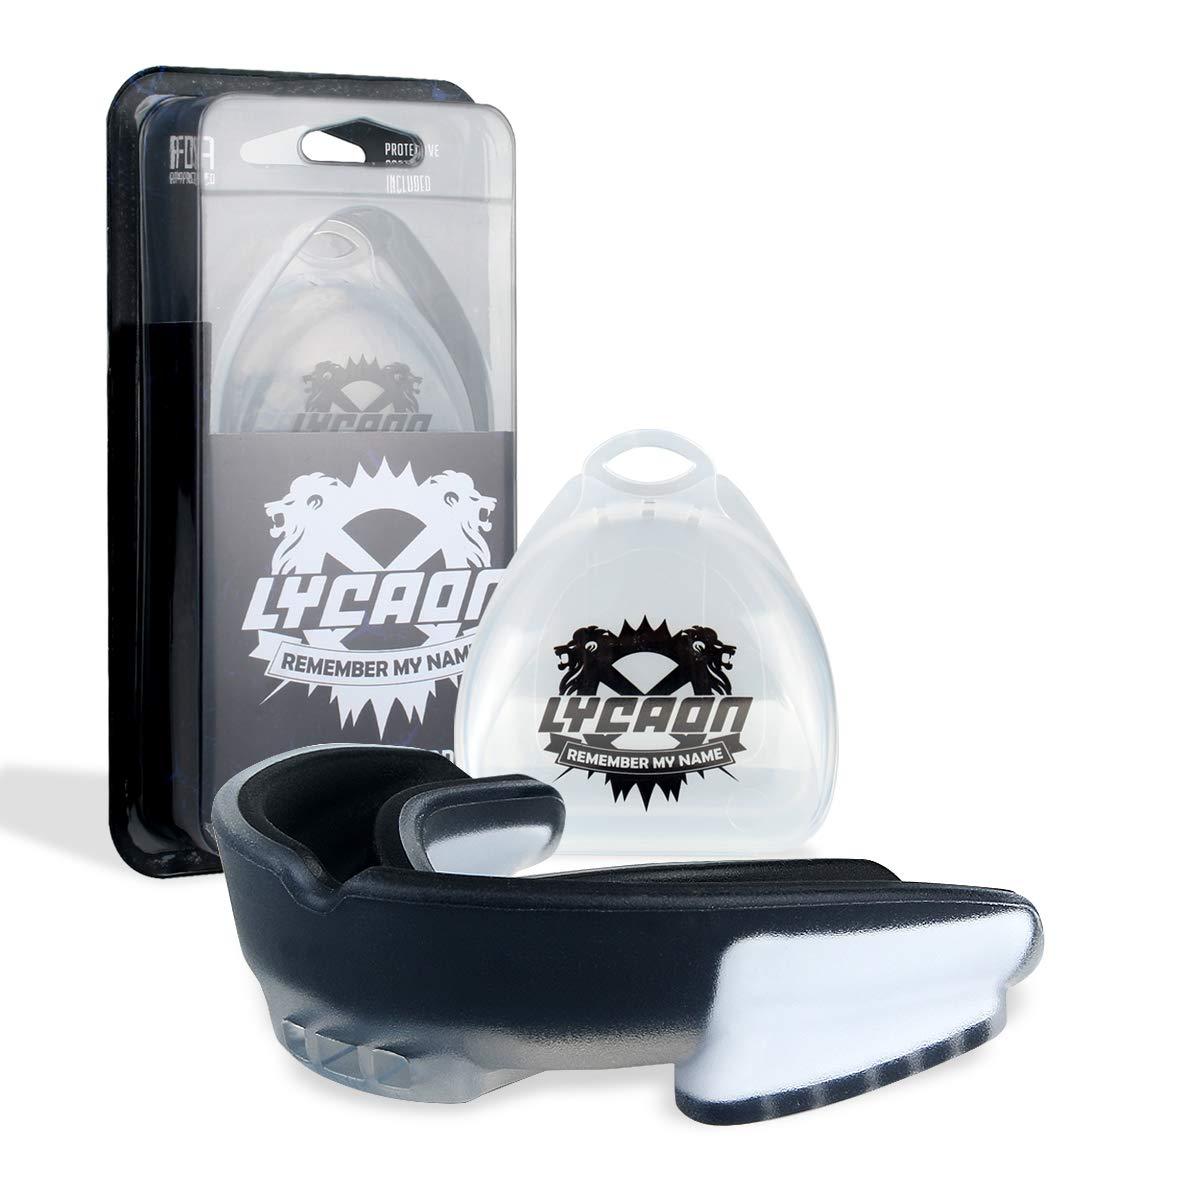 LYCAON Protector de Boca para Adultos, protecció n Deportiva Profesional Protector para Dientes de Boxeo de fú tbol Lacrosse Herramienta de Atleta de Aparato Dental de Hockey Sobre Hielo (Black&Red)